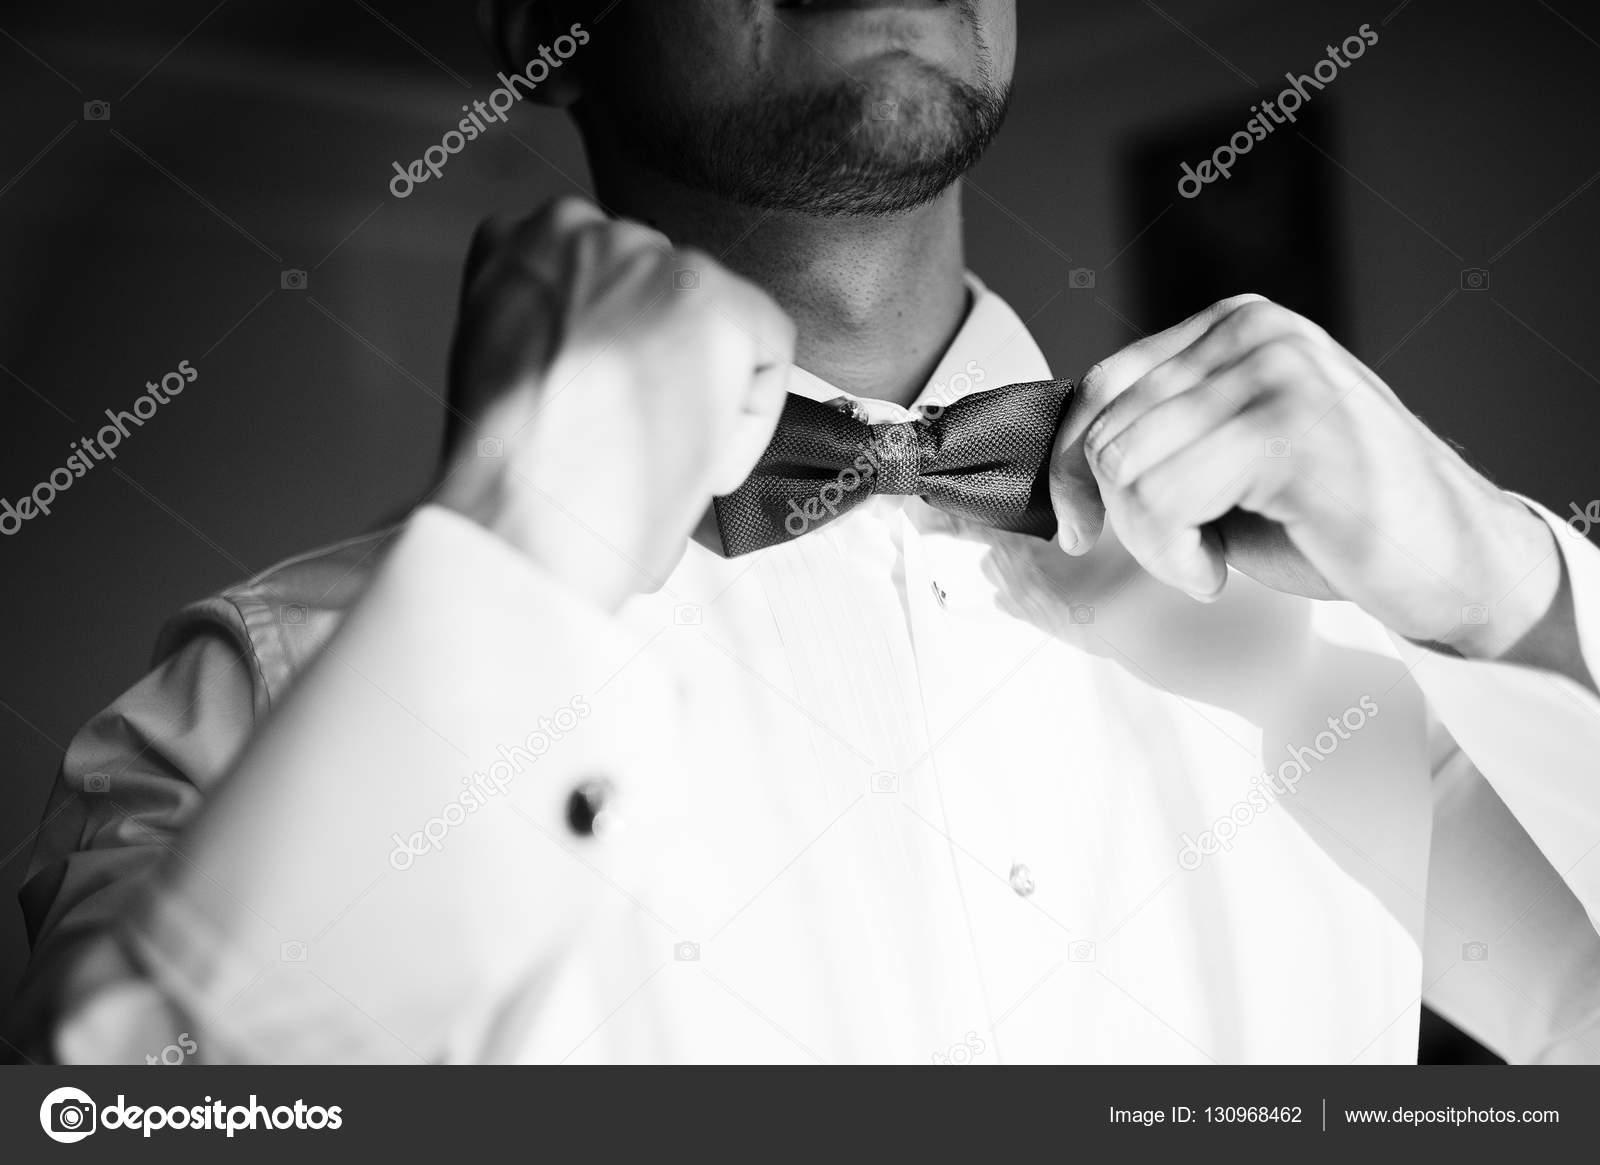 homme d rencontre cote rencontre armor marier  L'altrusime des médecins fait chavirer.